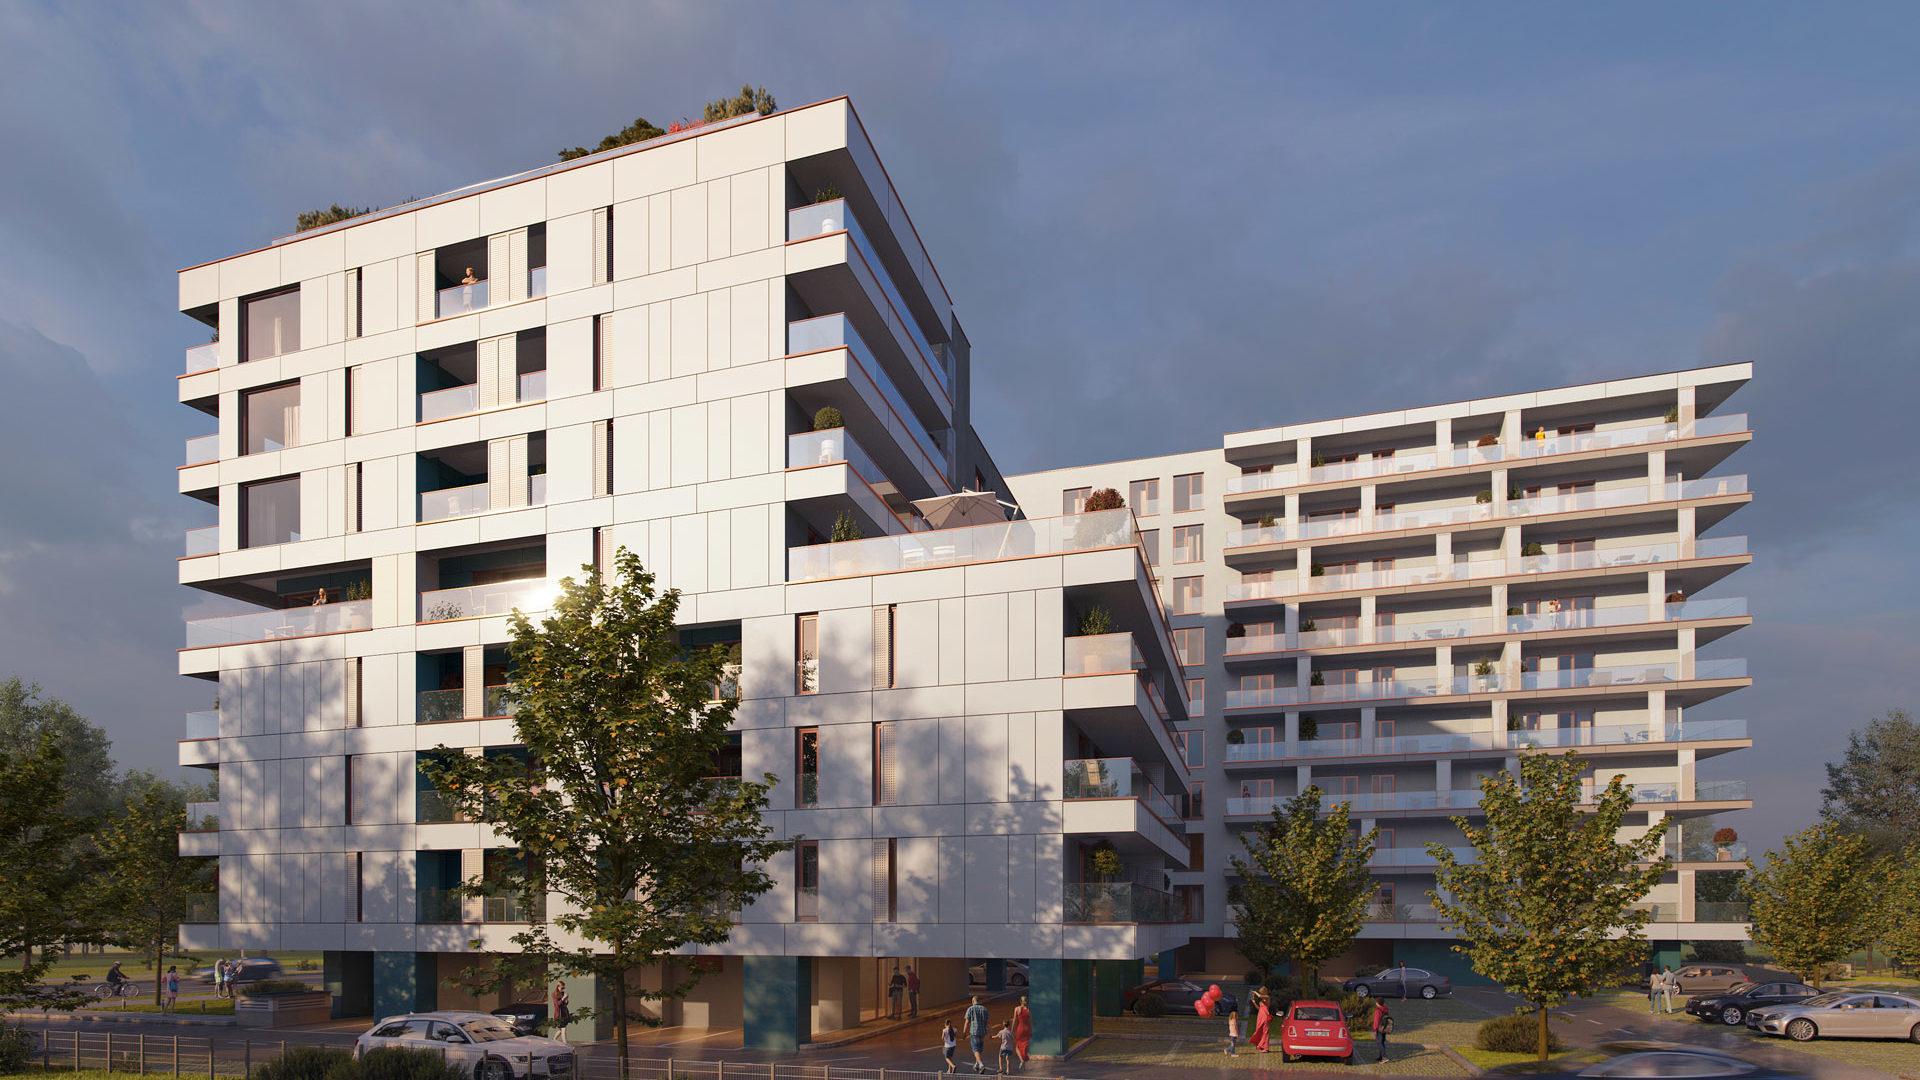 Alusystem livrează tâmplărie din aluminiu în valoare de aproximativ 600.000 de euro pentru proiectul rezidenţial Art City, dezvoltat de Bog'Art